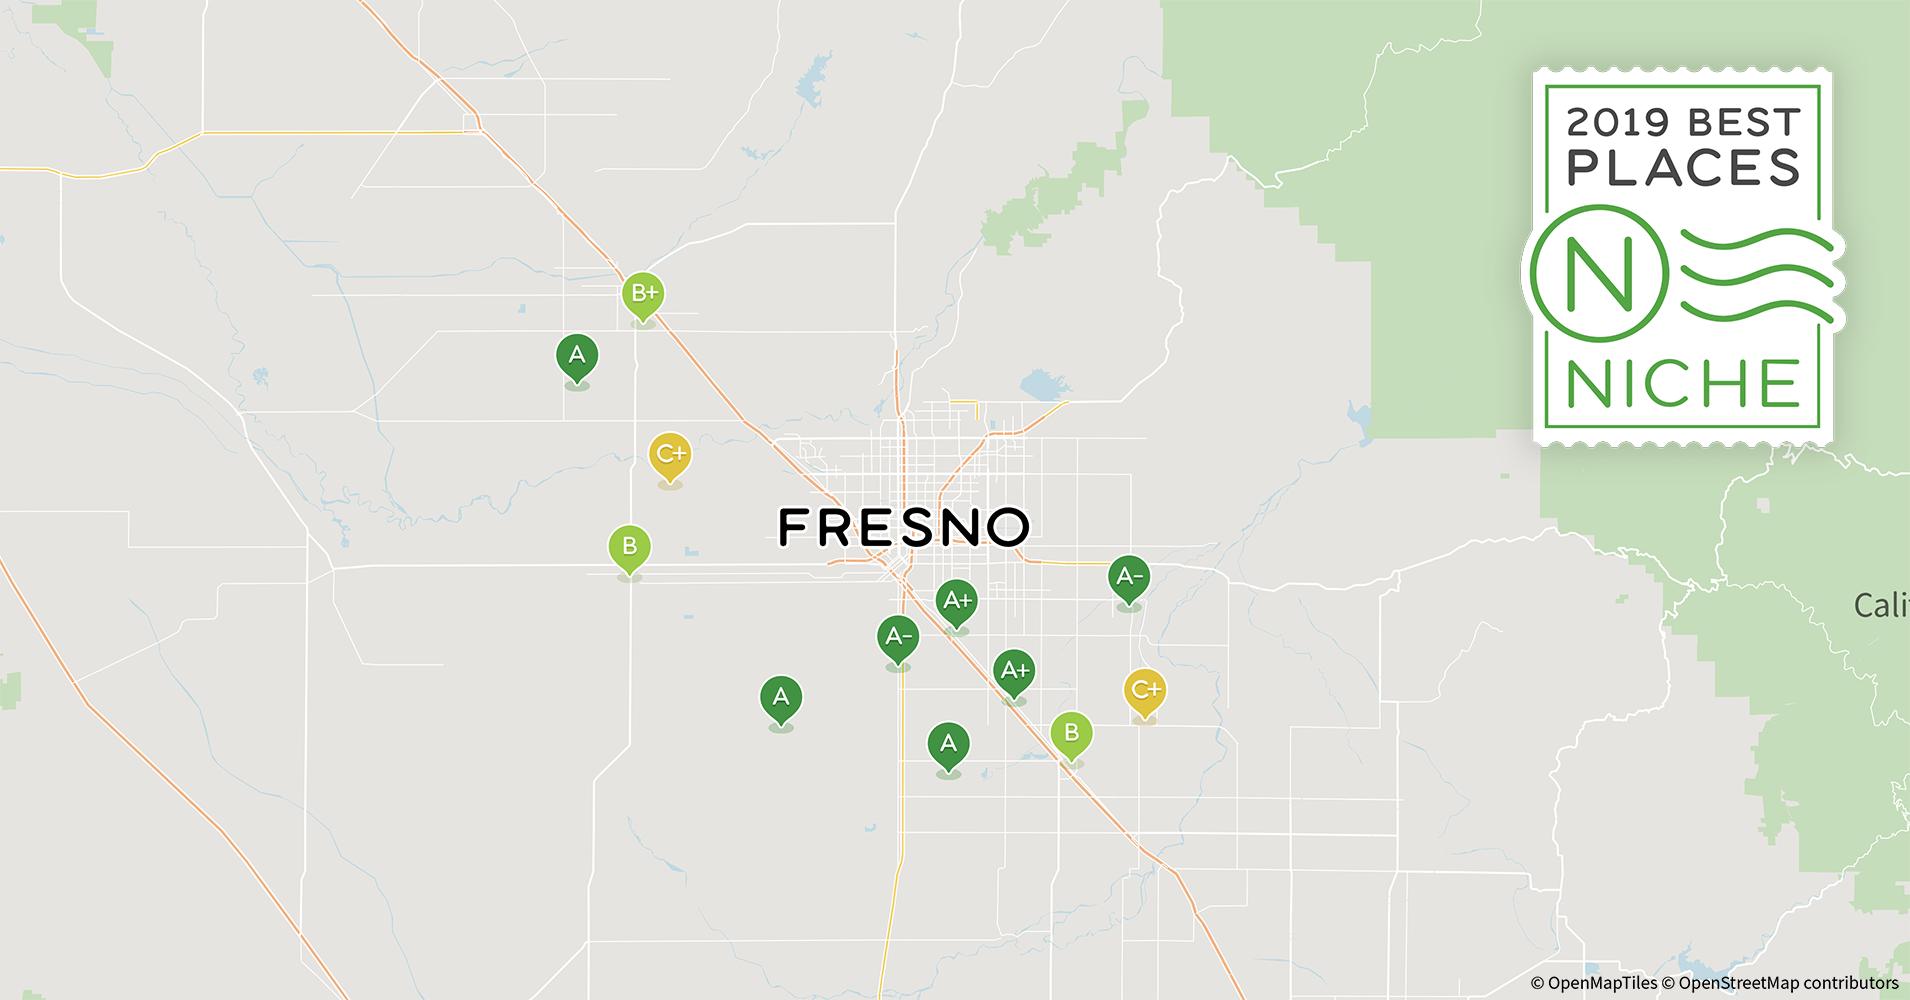 SpotCrime.com Crime Mapping | A blog about Spotcrime.com's ... |Fresno Neighborhoods